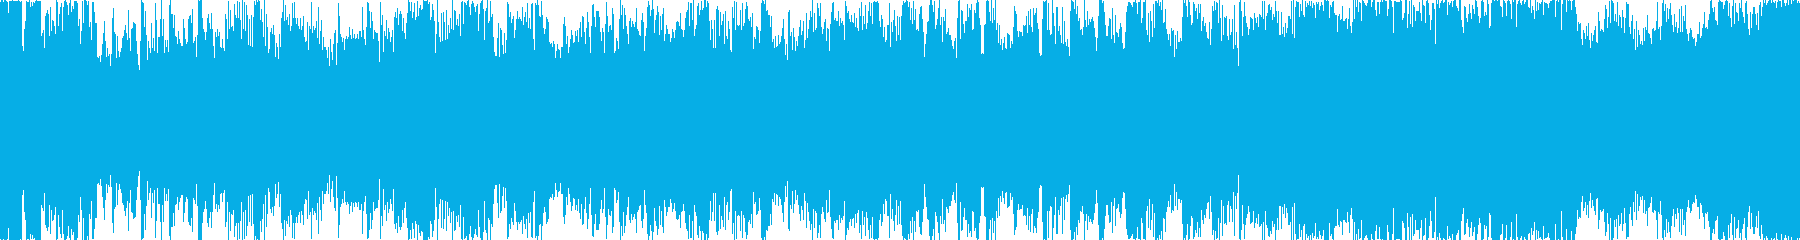 【ループD】パワフルで高揚感ピアノEDMの再生済みの波形